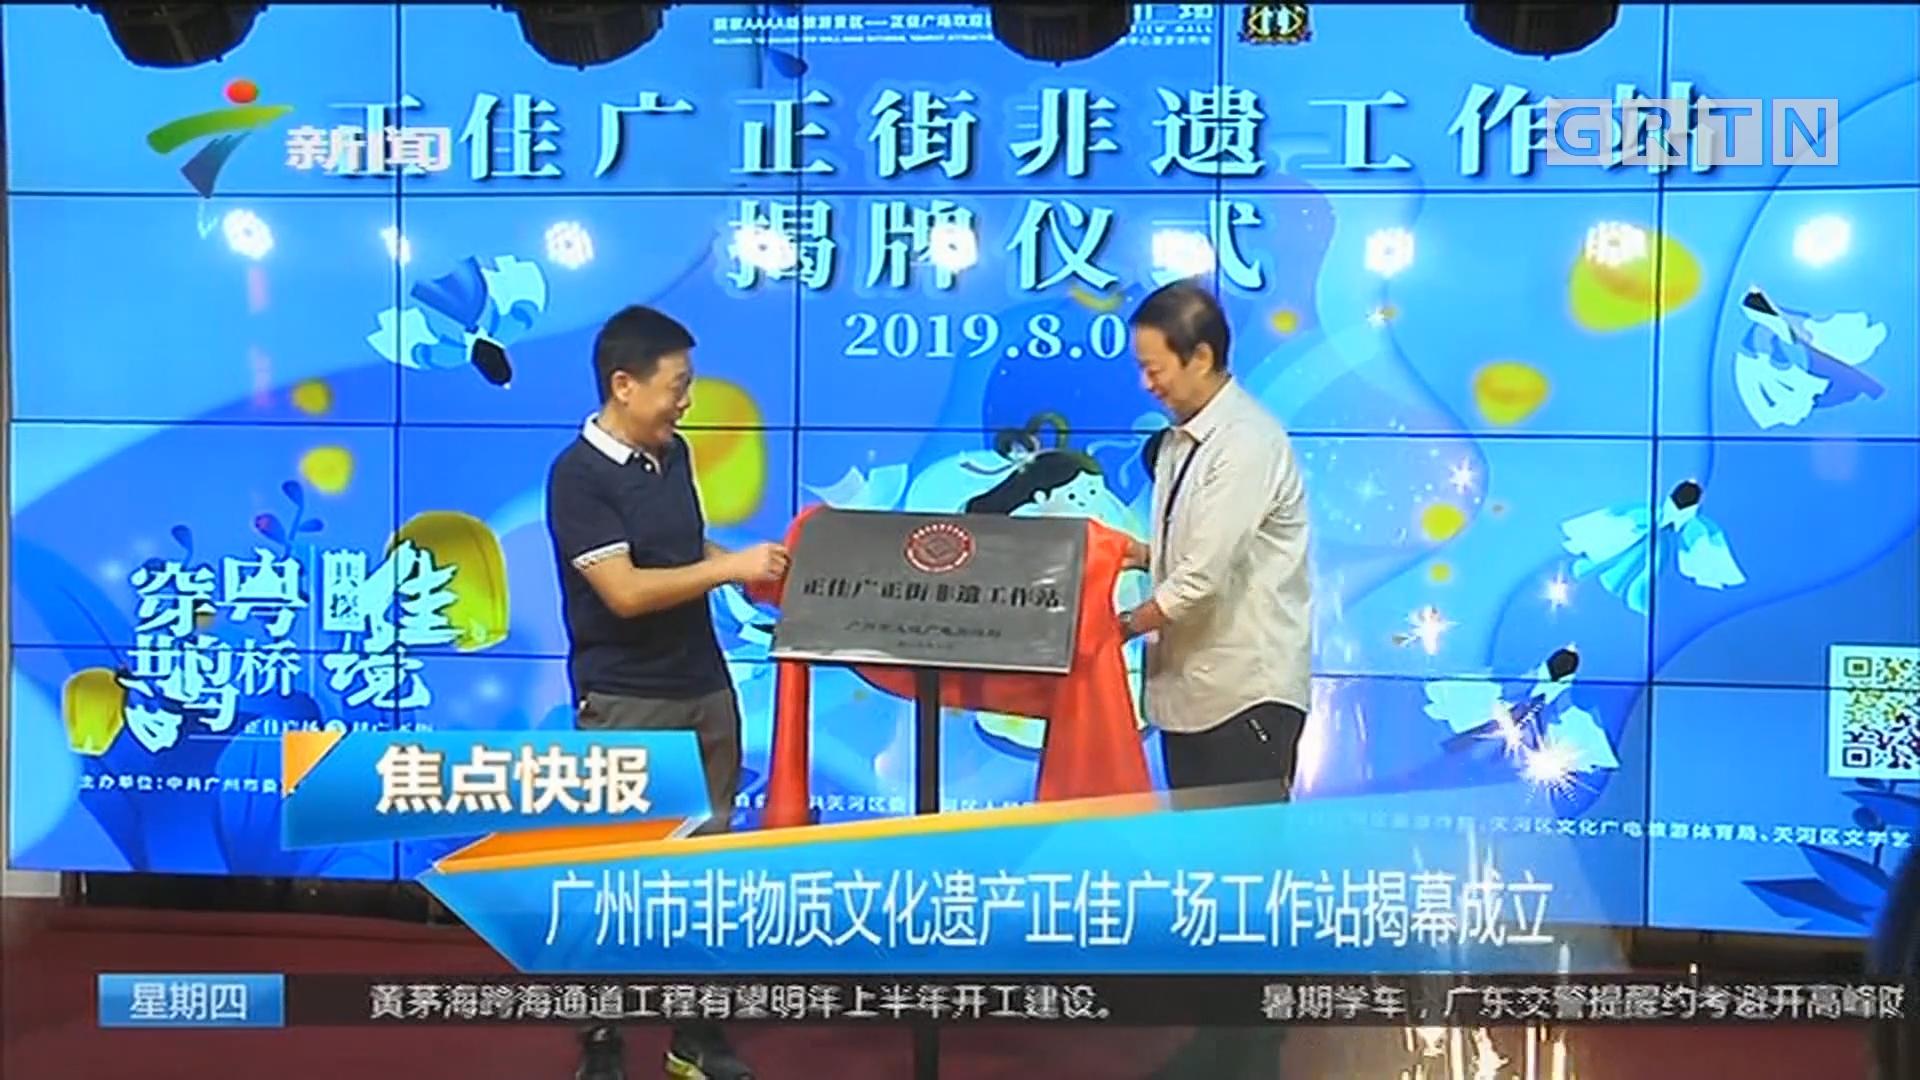 广州市非物质文化遗产正佳广场工作站揭幕成立